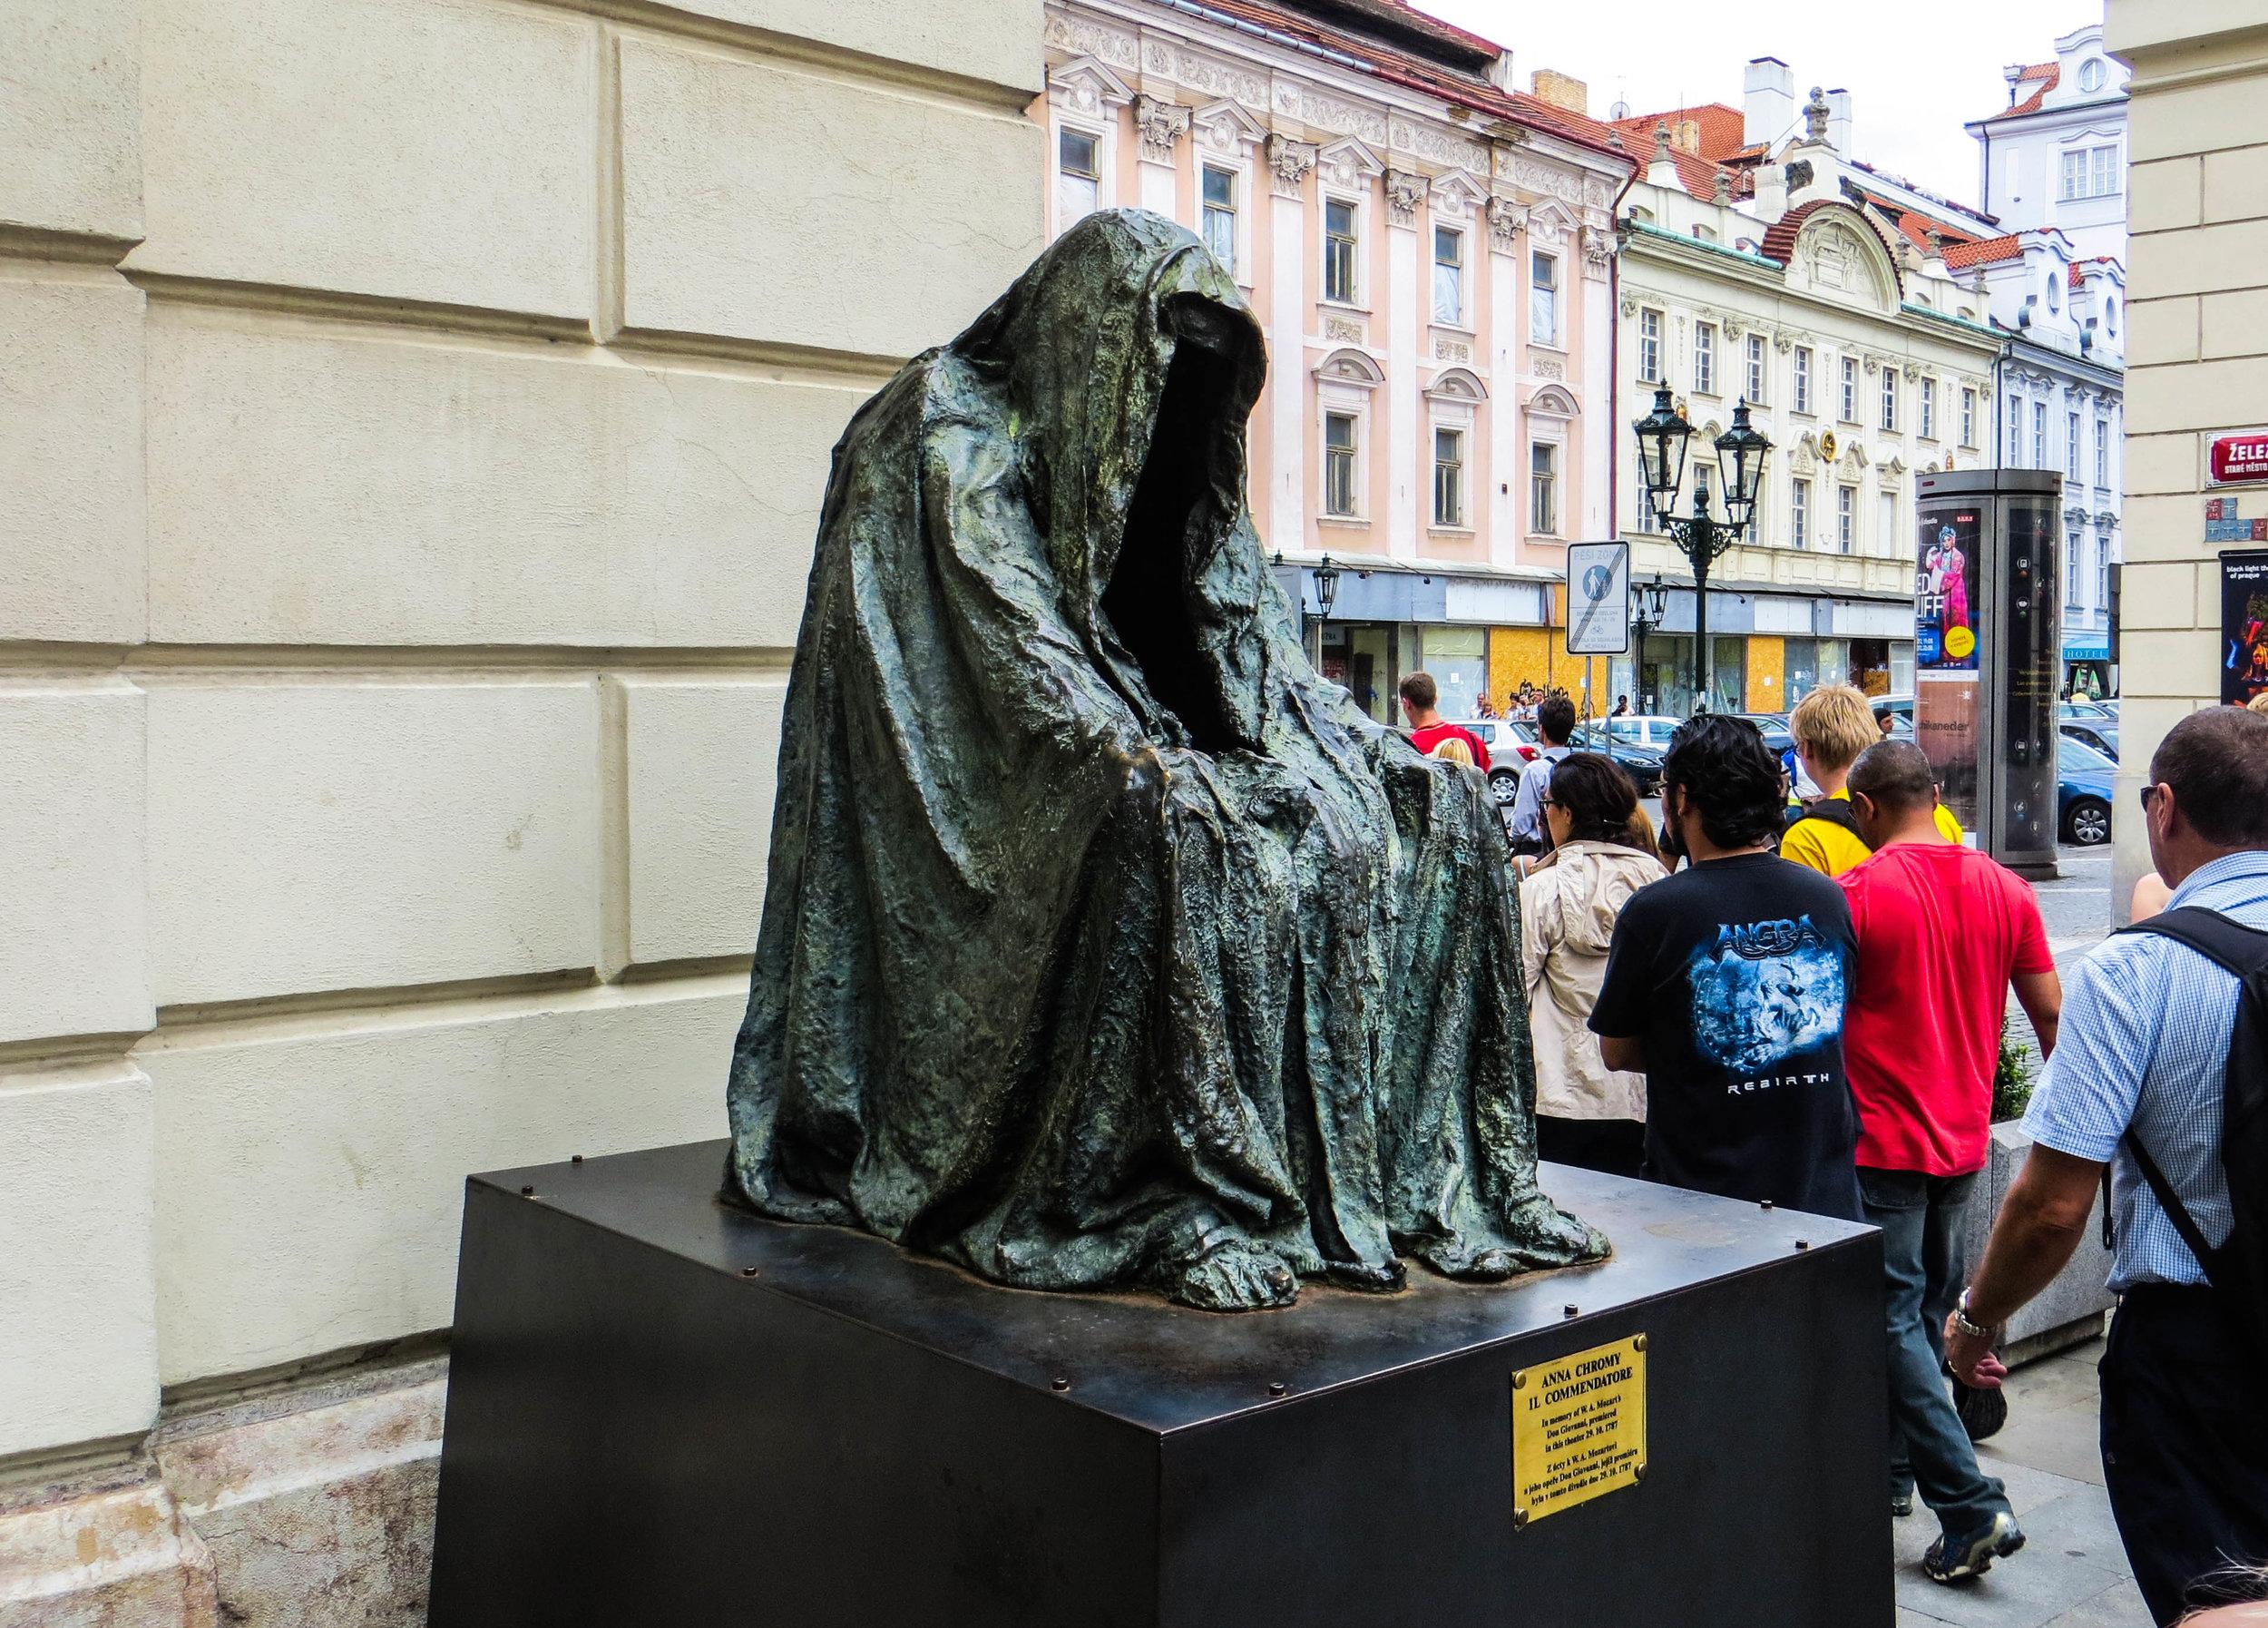 prague-praha-czechia-czech-republic-12.jpg